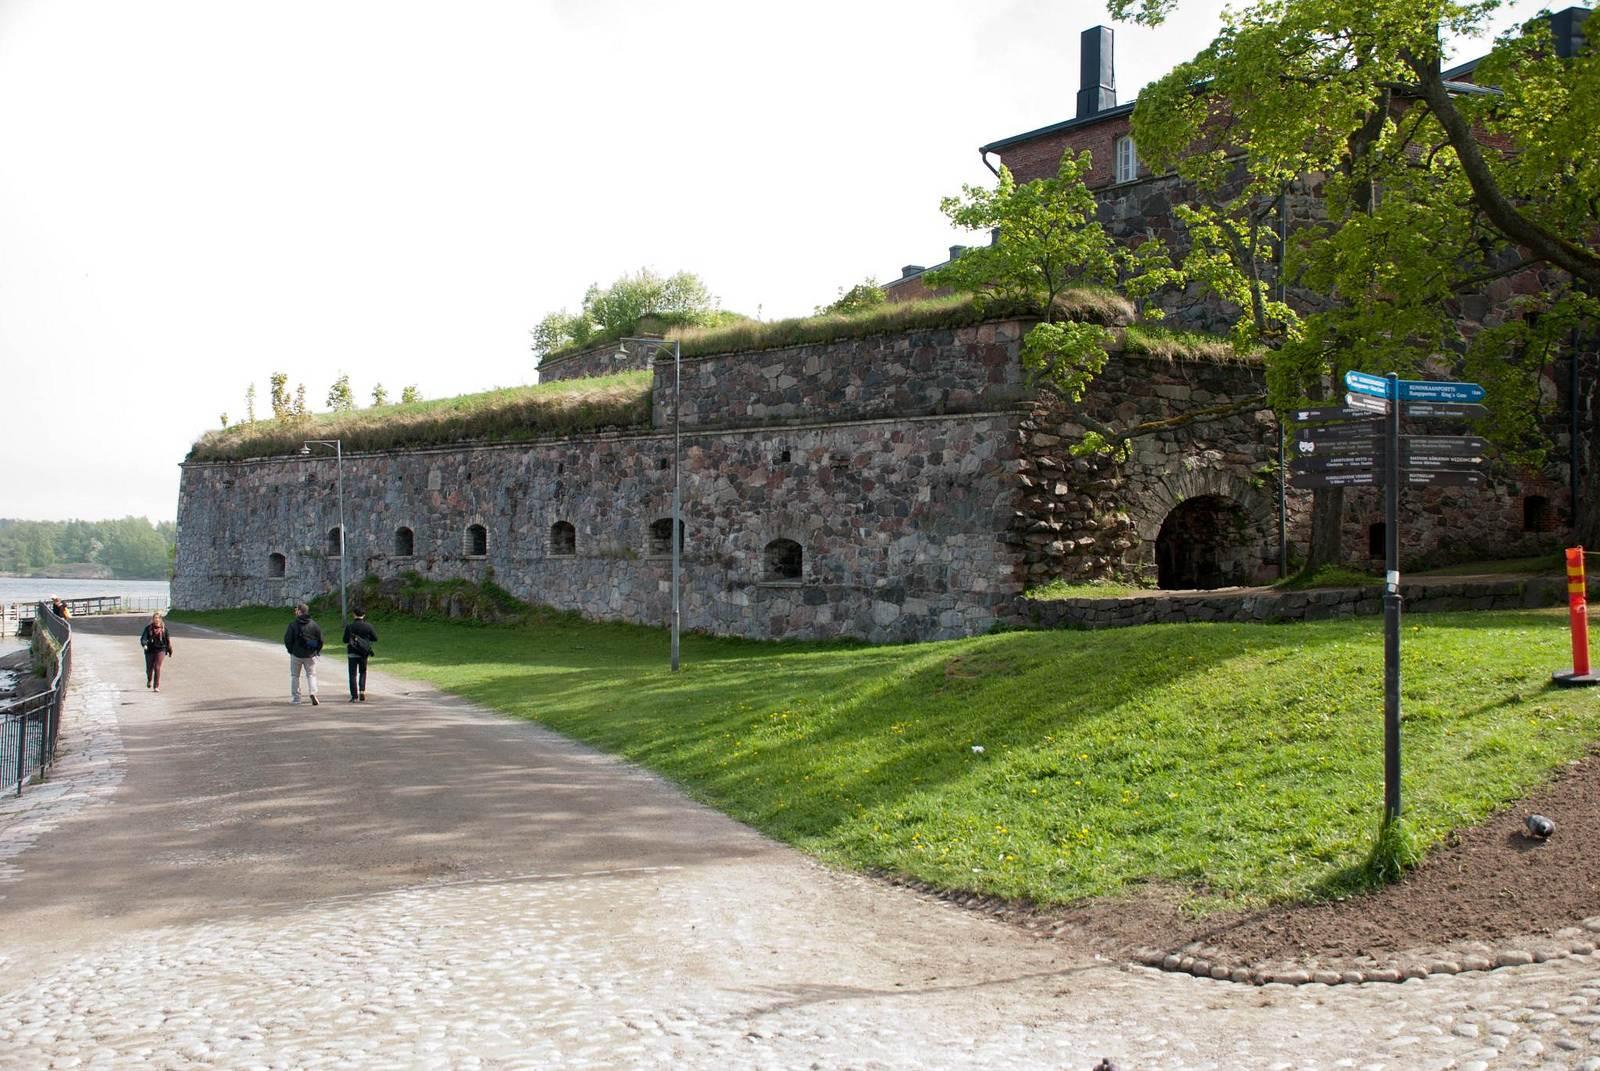 suomenlinna3 The Sea Fortress of Suomenlinna, Finland